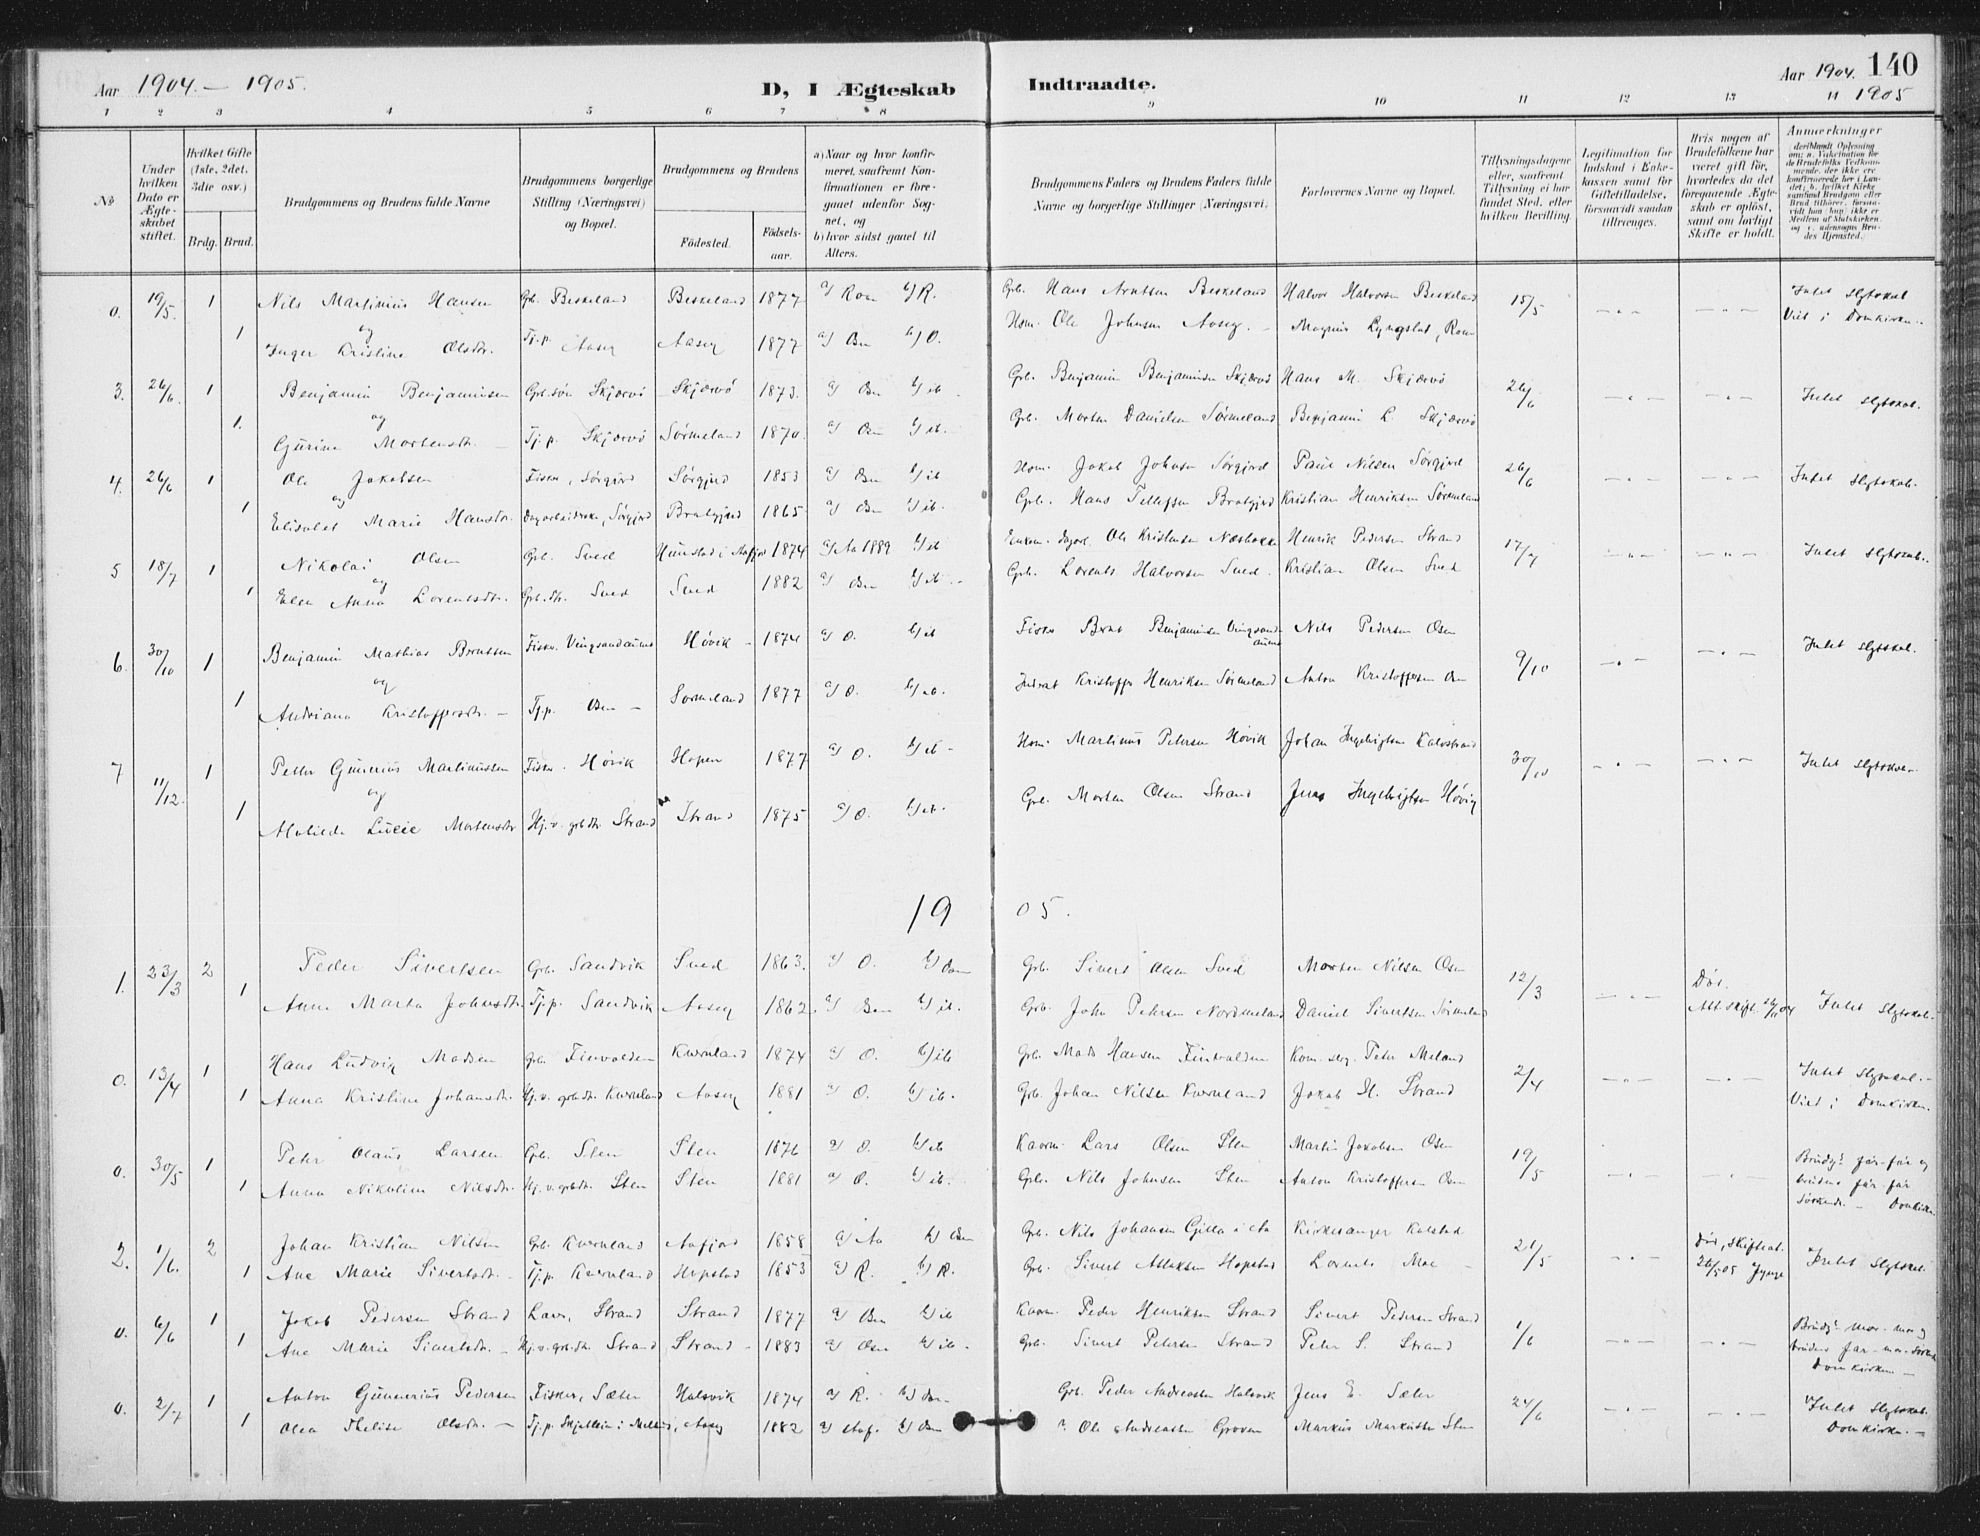 SAT, Ministerialprotokoller, klokkerbøker og fødselsregistre - Sør-Trøndelag, 658/L0723: Ministerialbok nr. 658A02, 1897-1912, s. 140